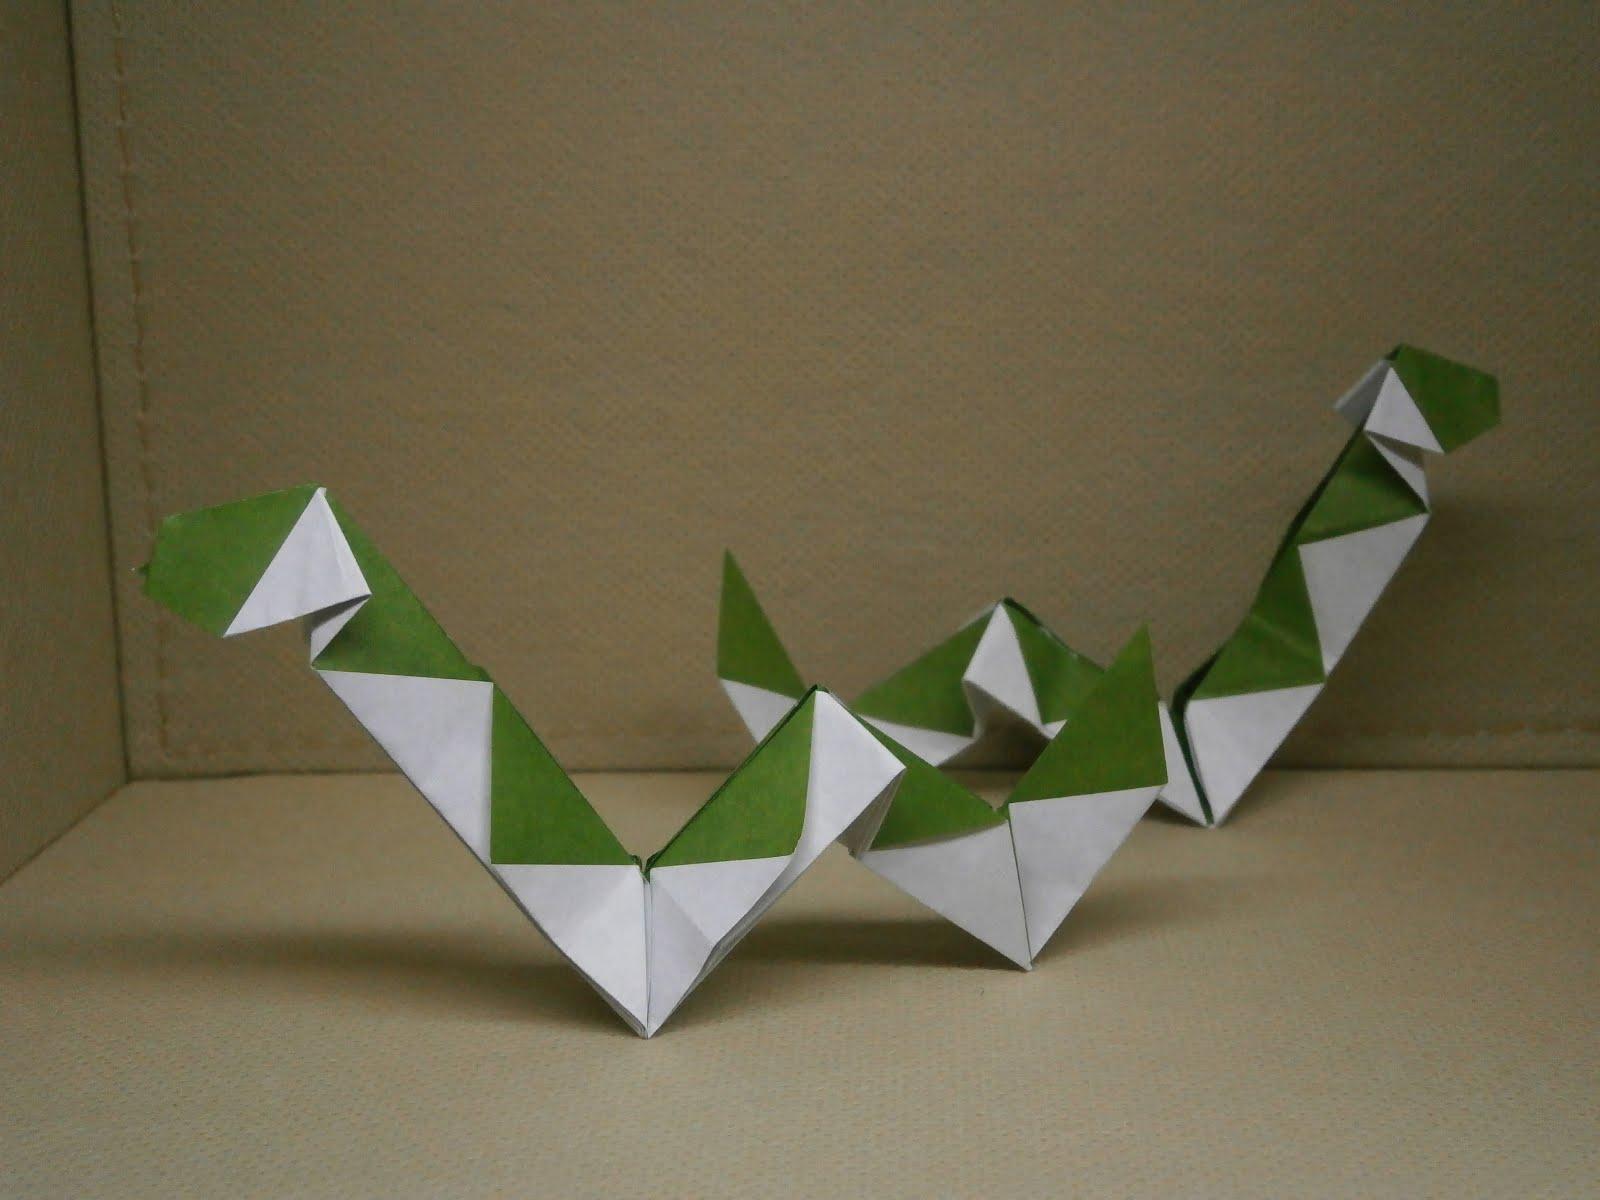 katakoto origami creation of origami snake that is next